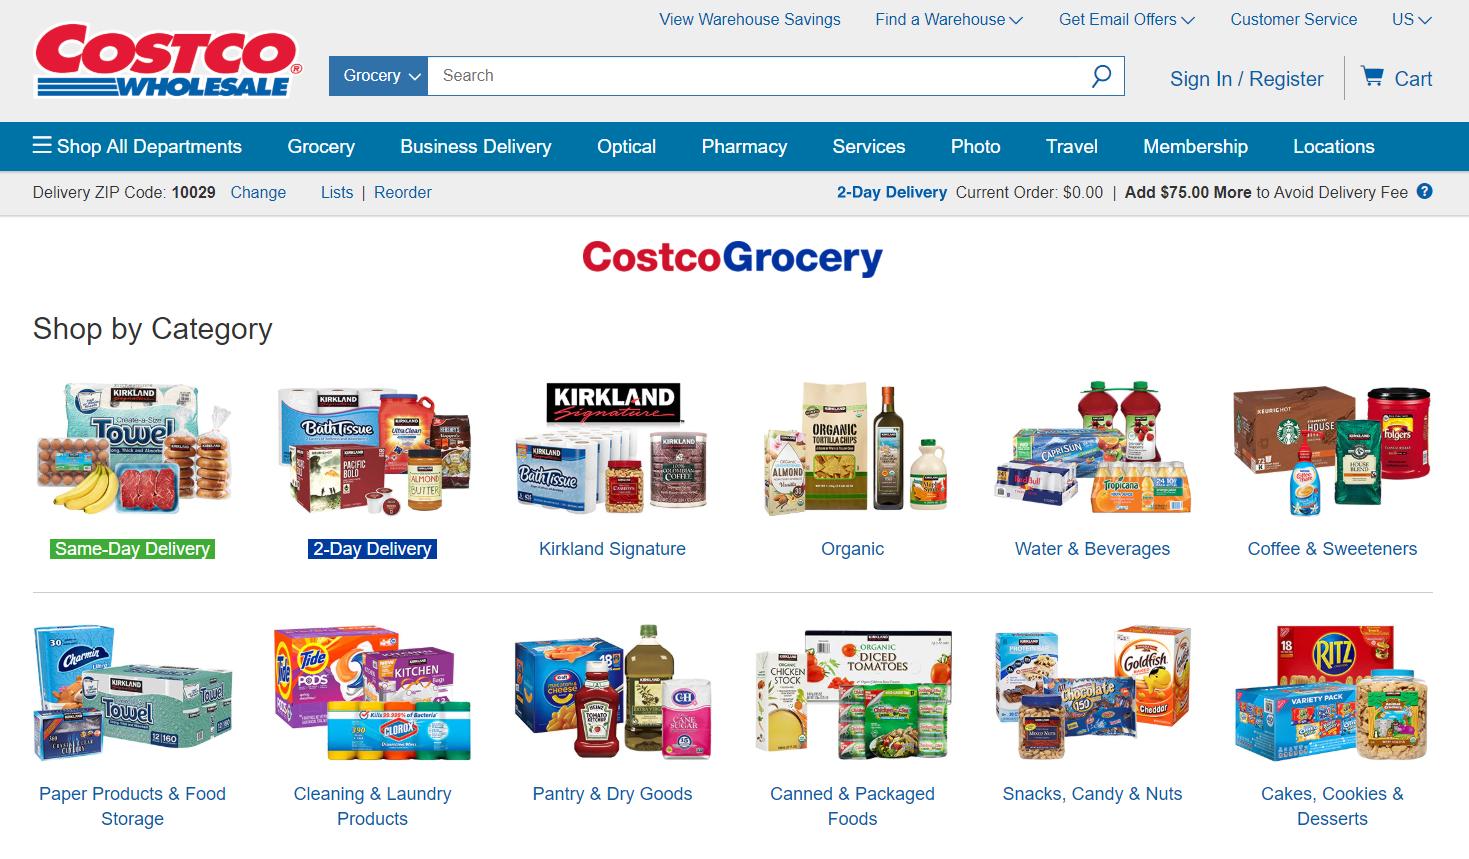 Costco vend sa MDD Kirkland Signature sur Amazon, et l'utilise comme outil de recrutement.